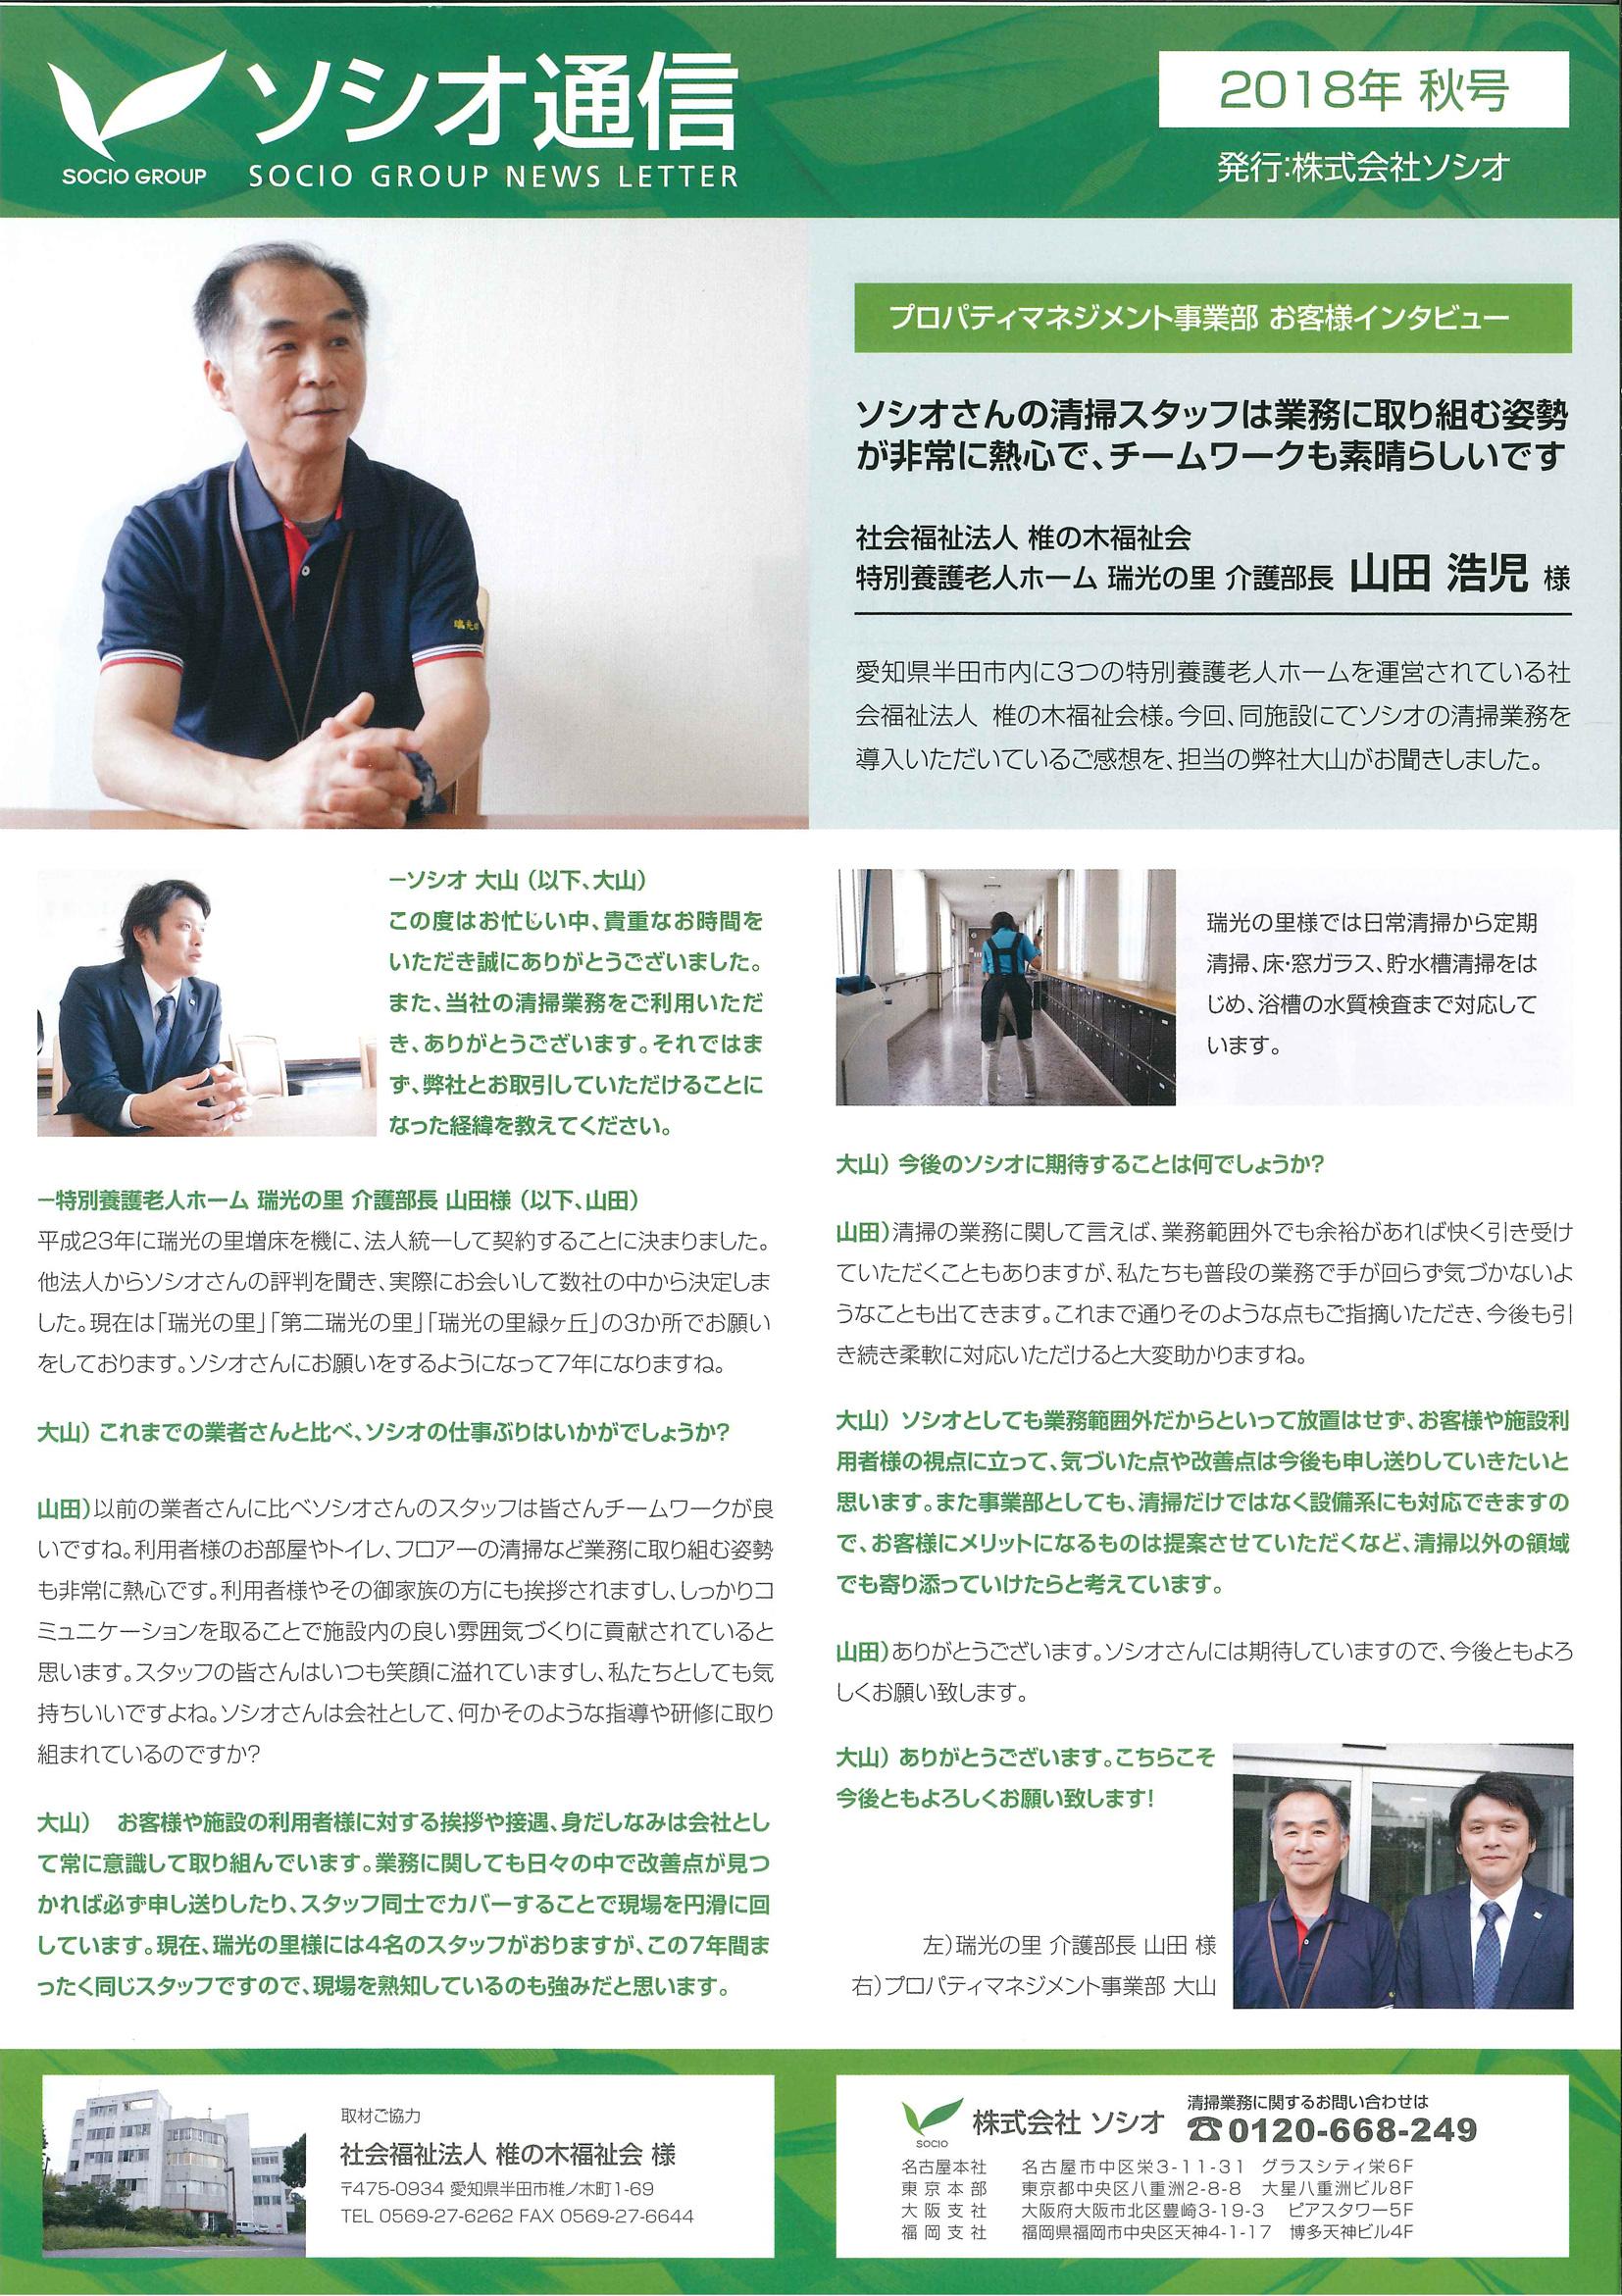 2018年秋号ソシオ通信-1